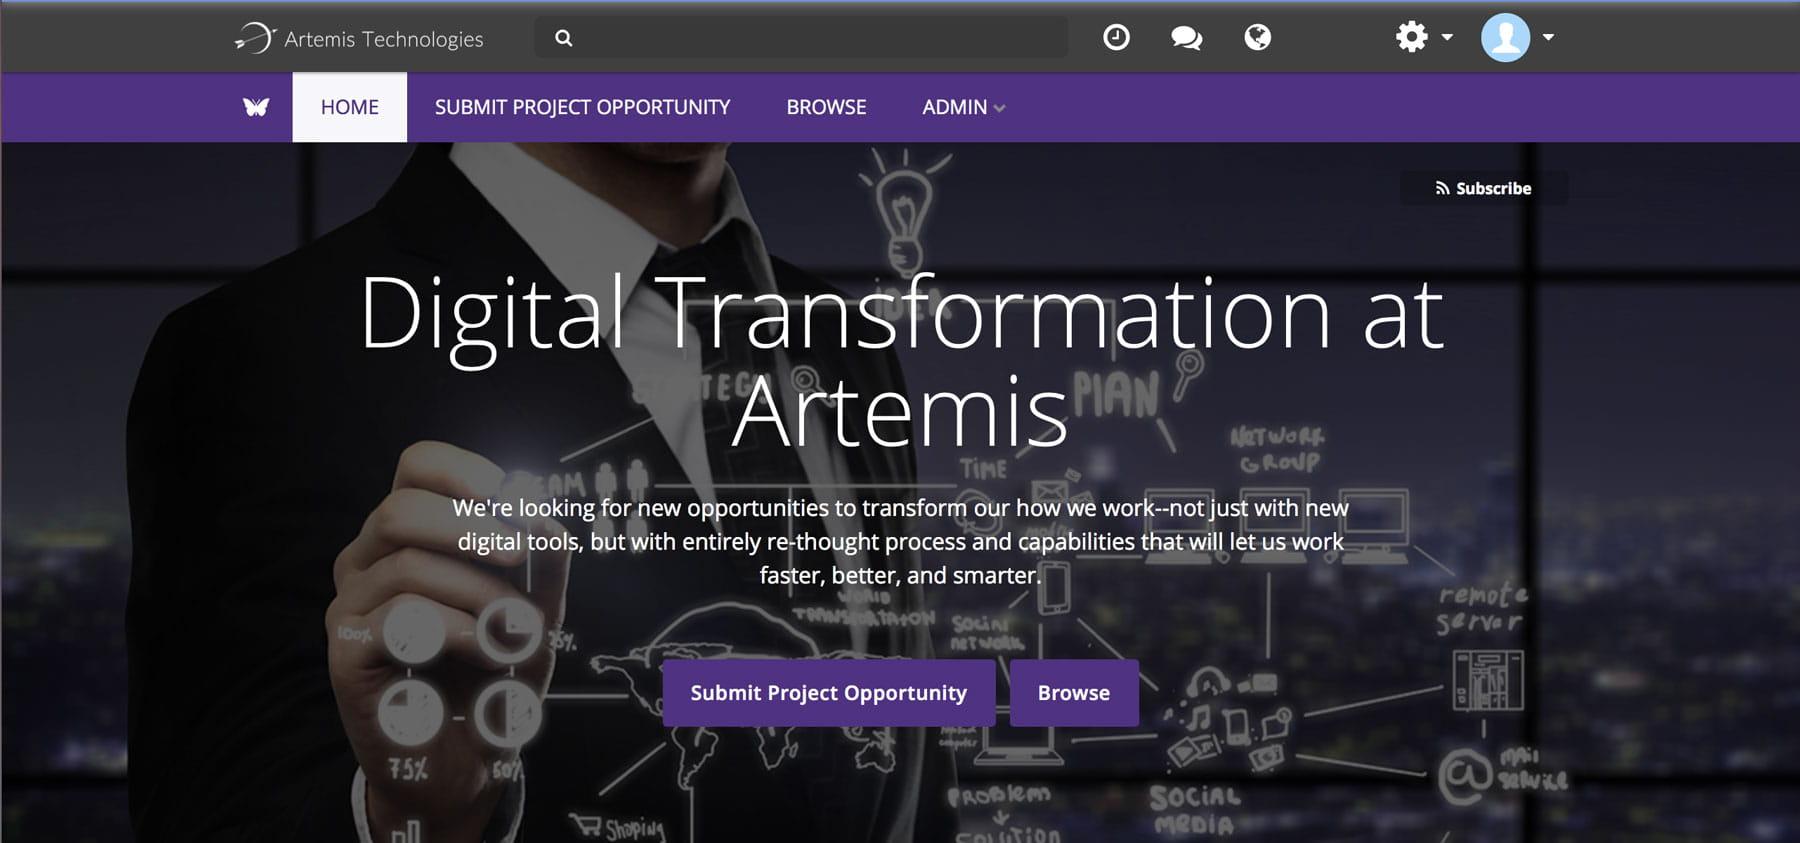 Brightidea Innovation Cloud Transformation